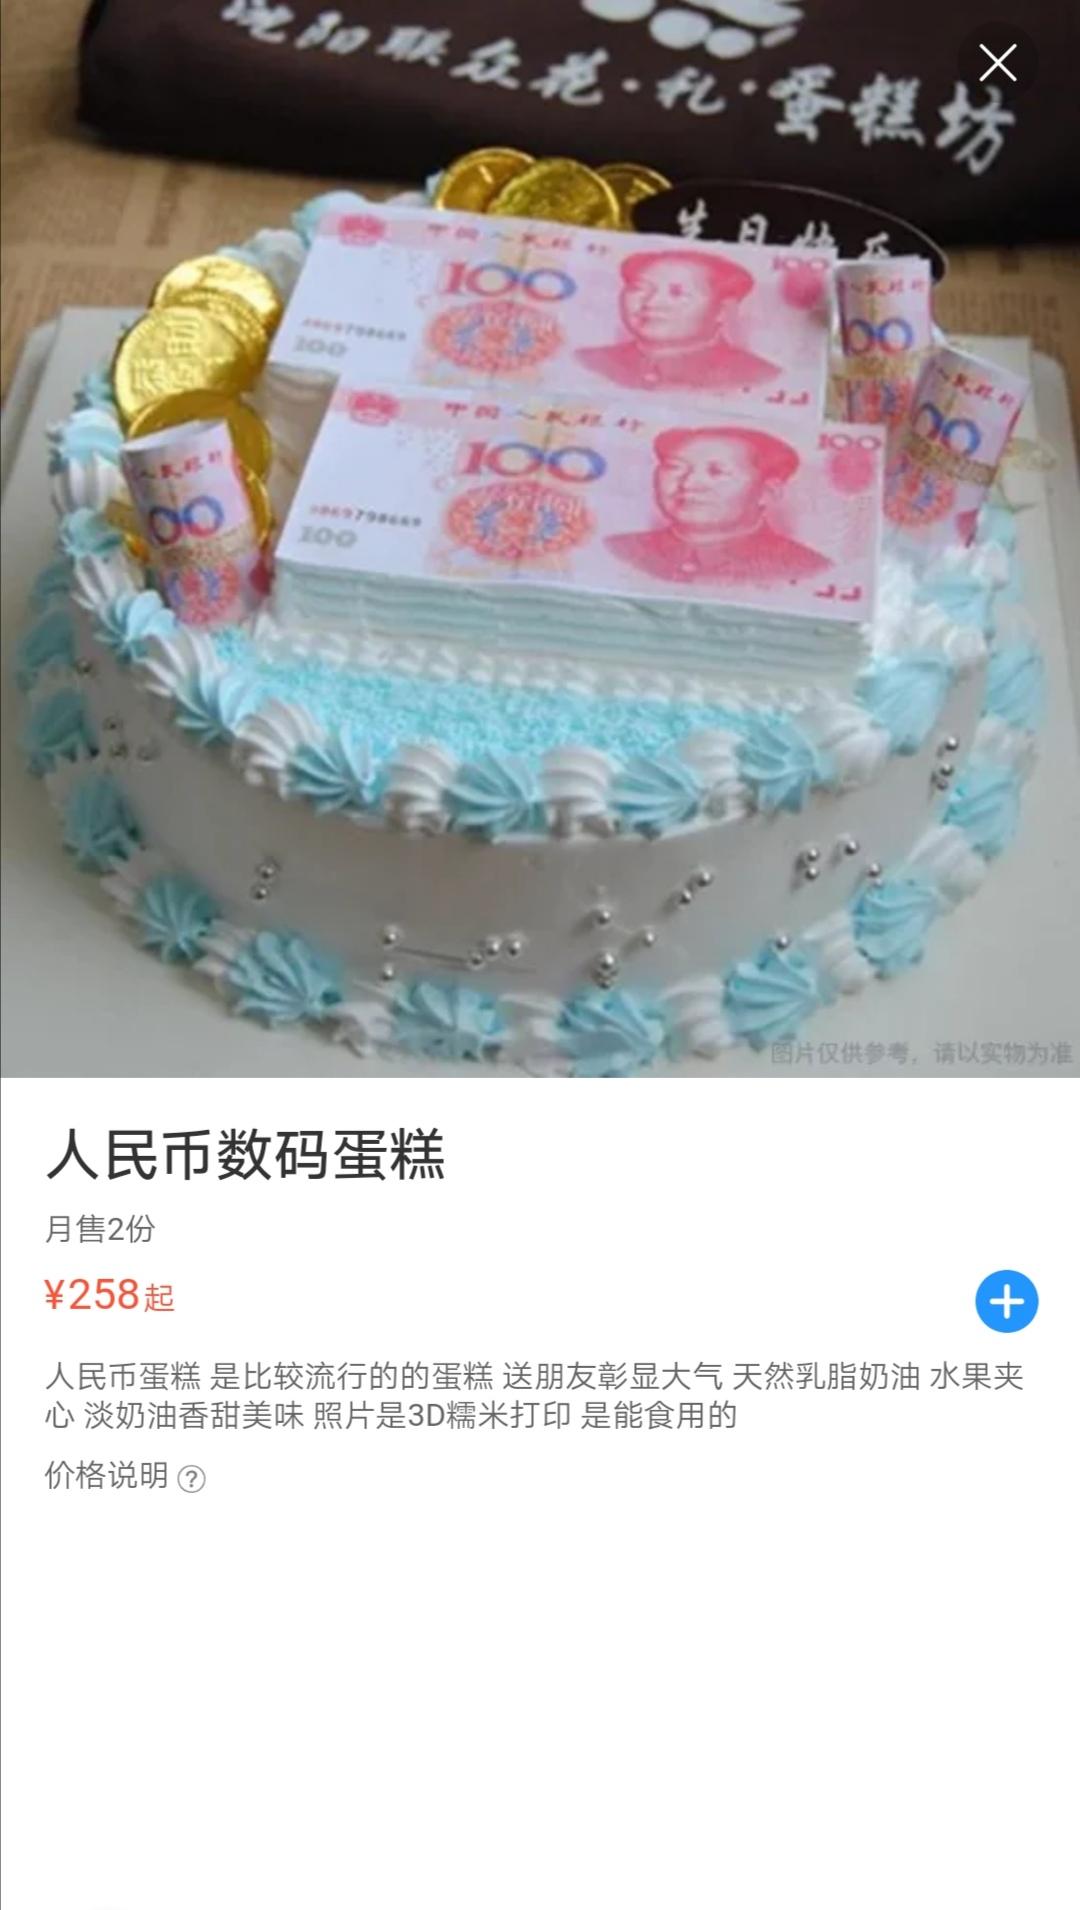 葡京小站是什么,深圳多家银行下调首套利率 单日带看量涨至上万次